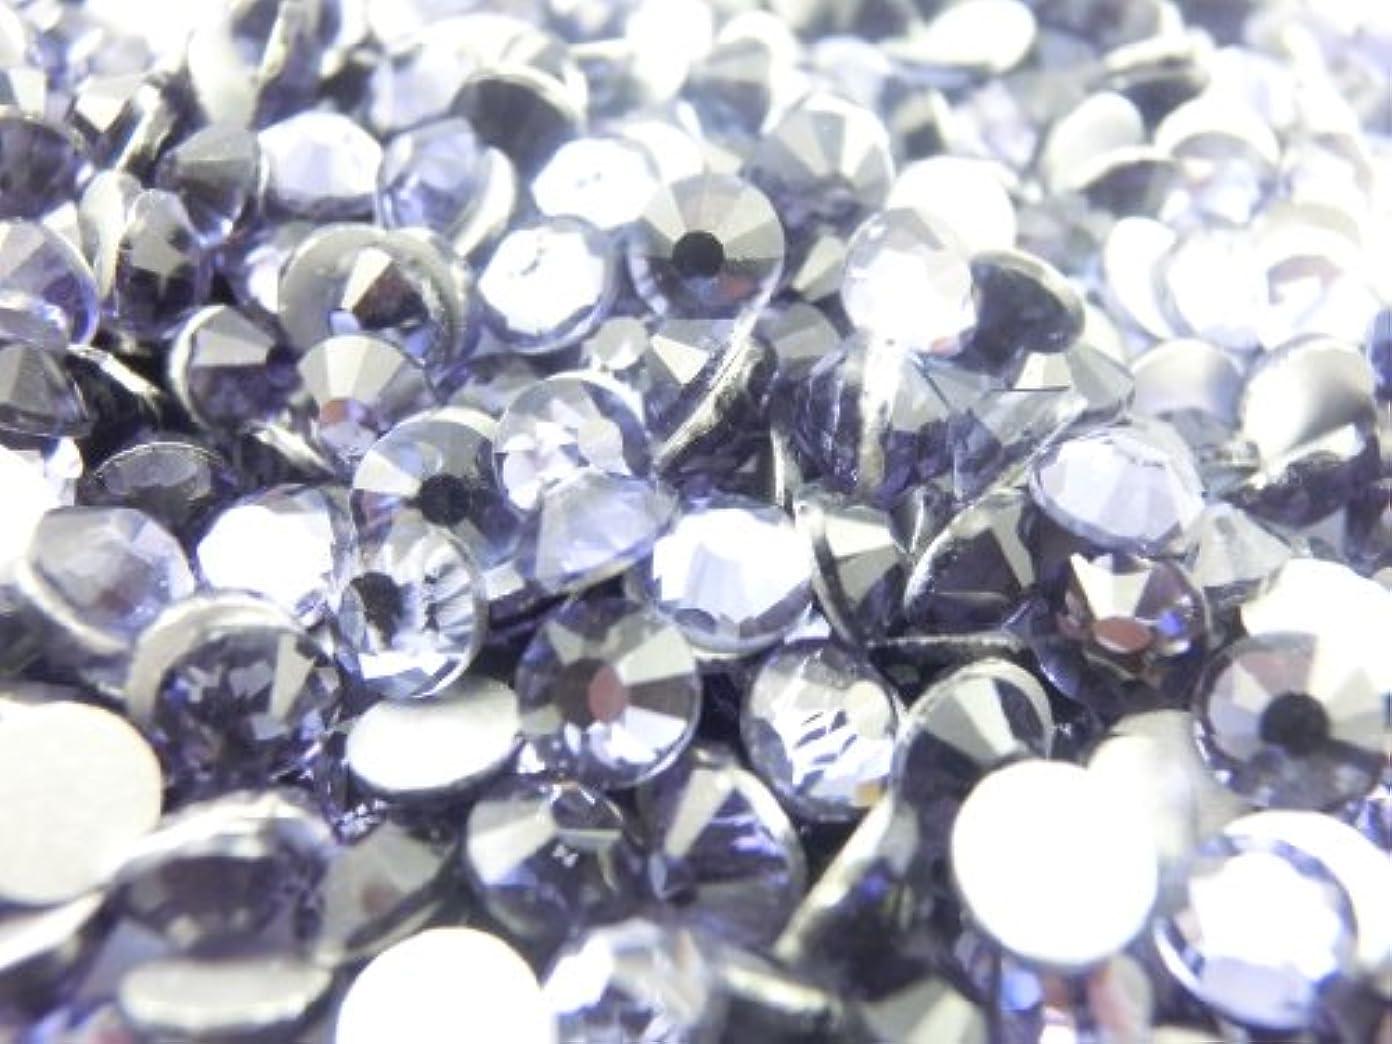 下に装置忌まわしい【ラインストーン77】 超高級 ガラス製ラインストーン SS4~SS30 タンザナイト スワロフスキー同等 (全サイズ)